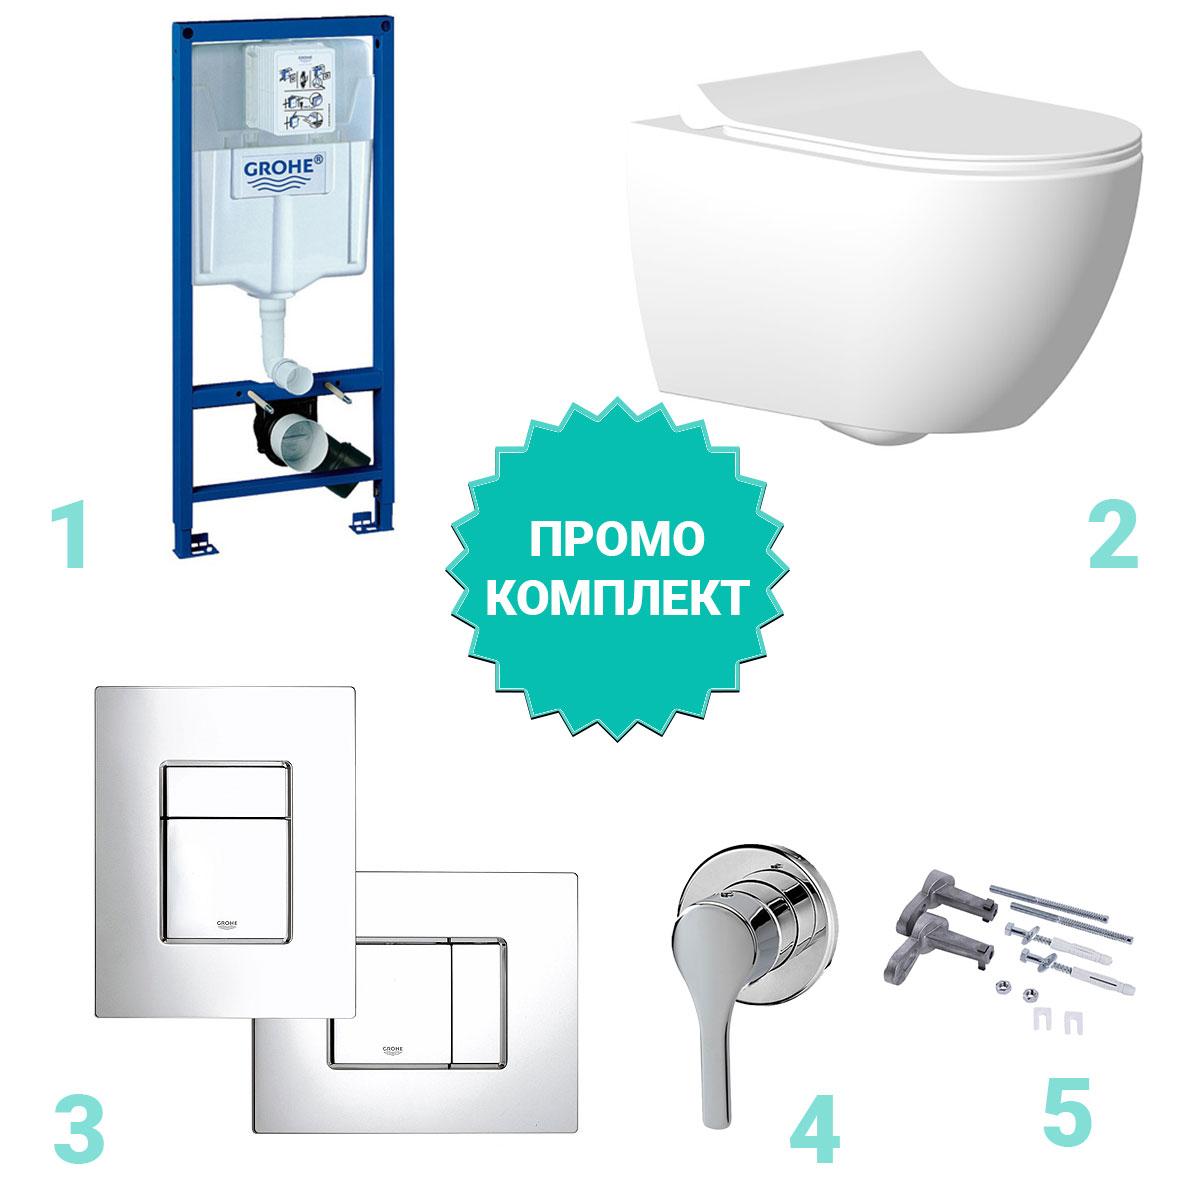 serel-promo-komplekt-5in1-vgrajdane-toaletna-chinia-52cm-bide-new-slim-soft-vera-01